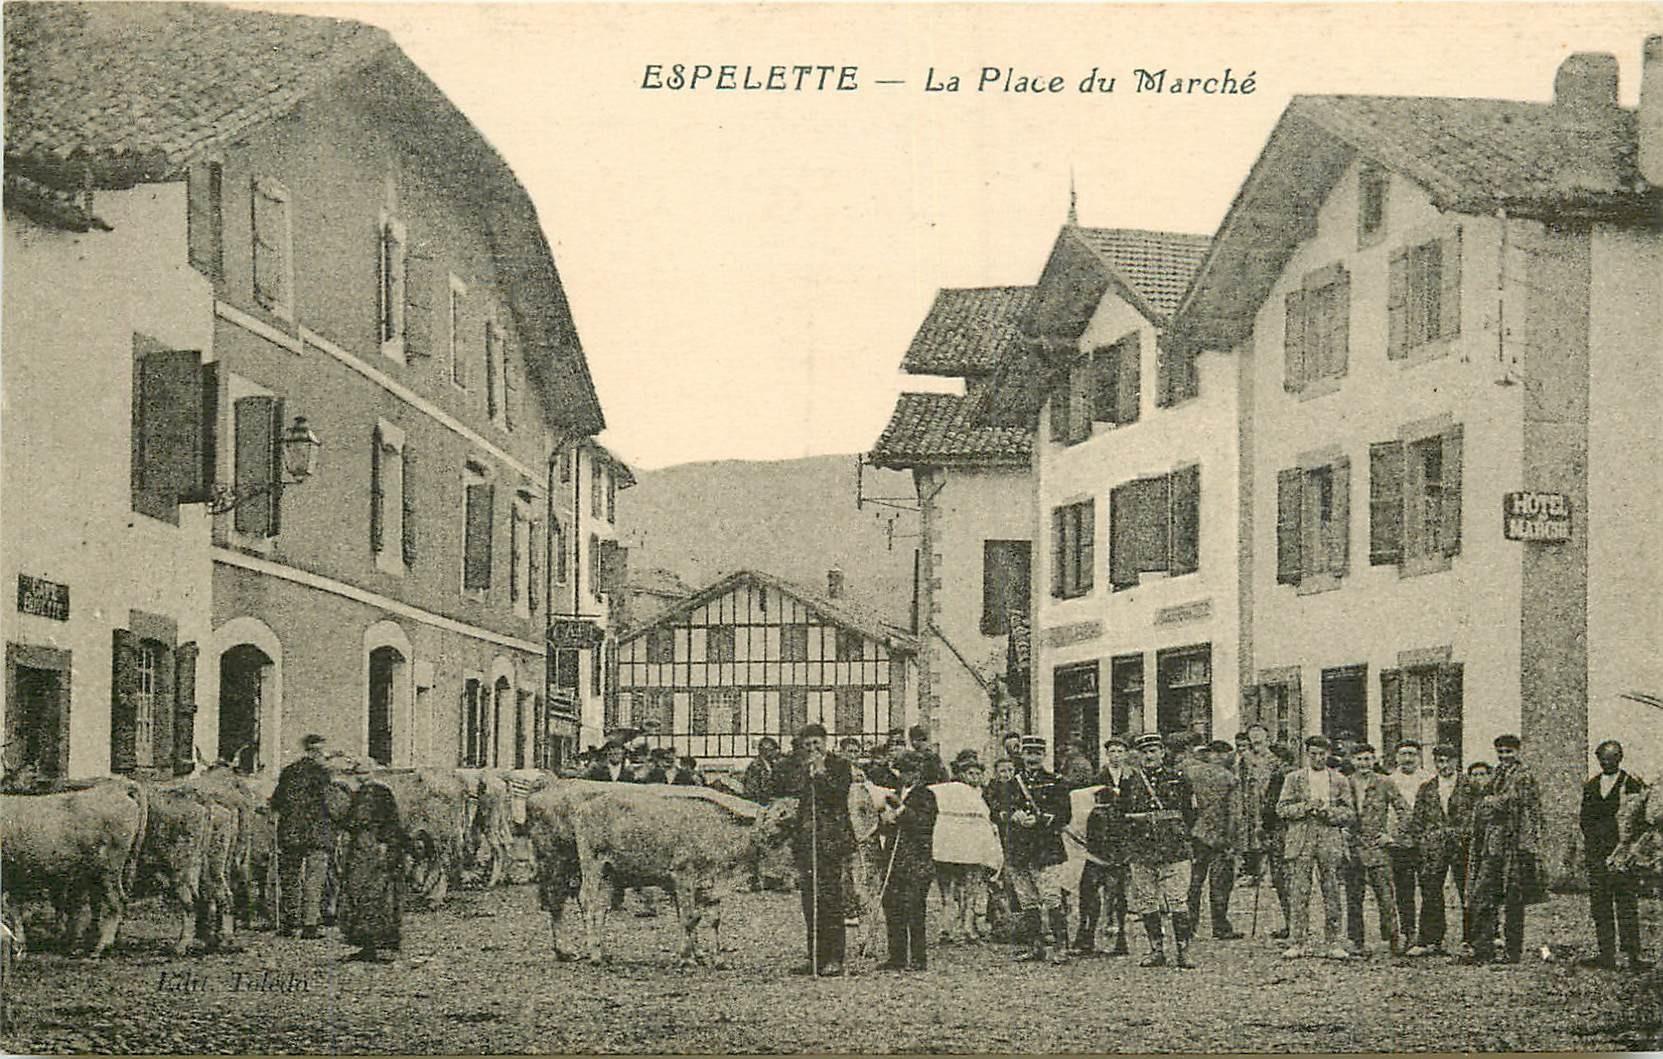 WW 64 ESPELETTE. Gendarmes et Bétail Place du Marché avec Hôtel